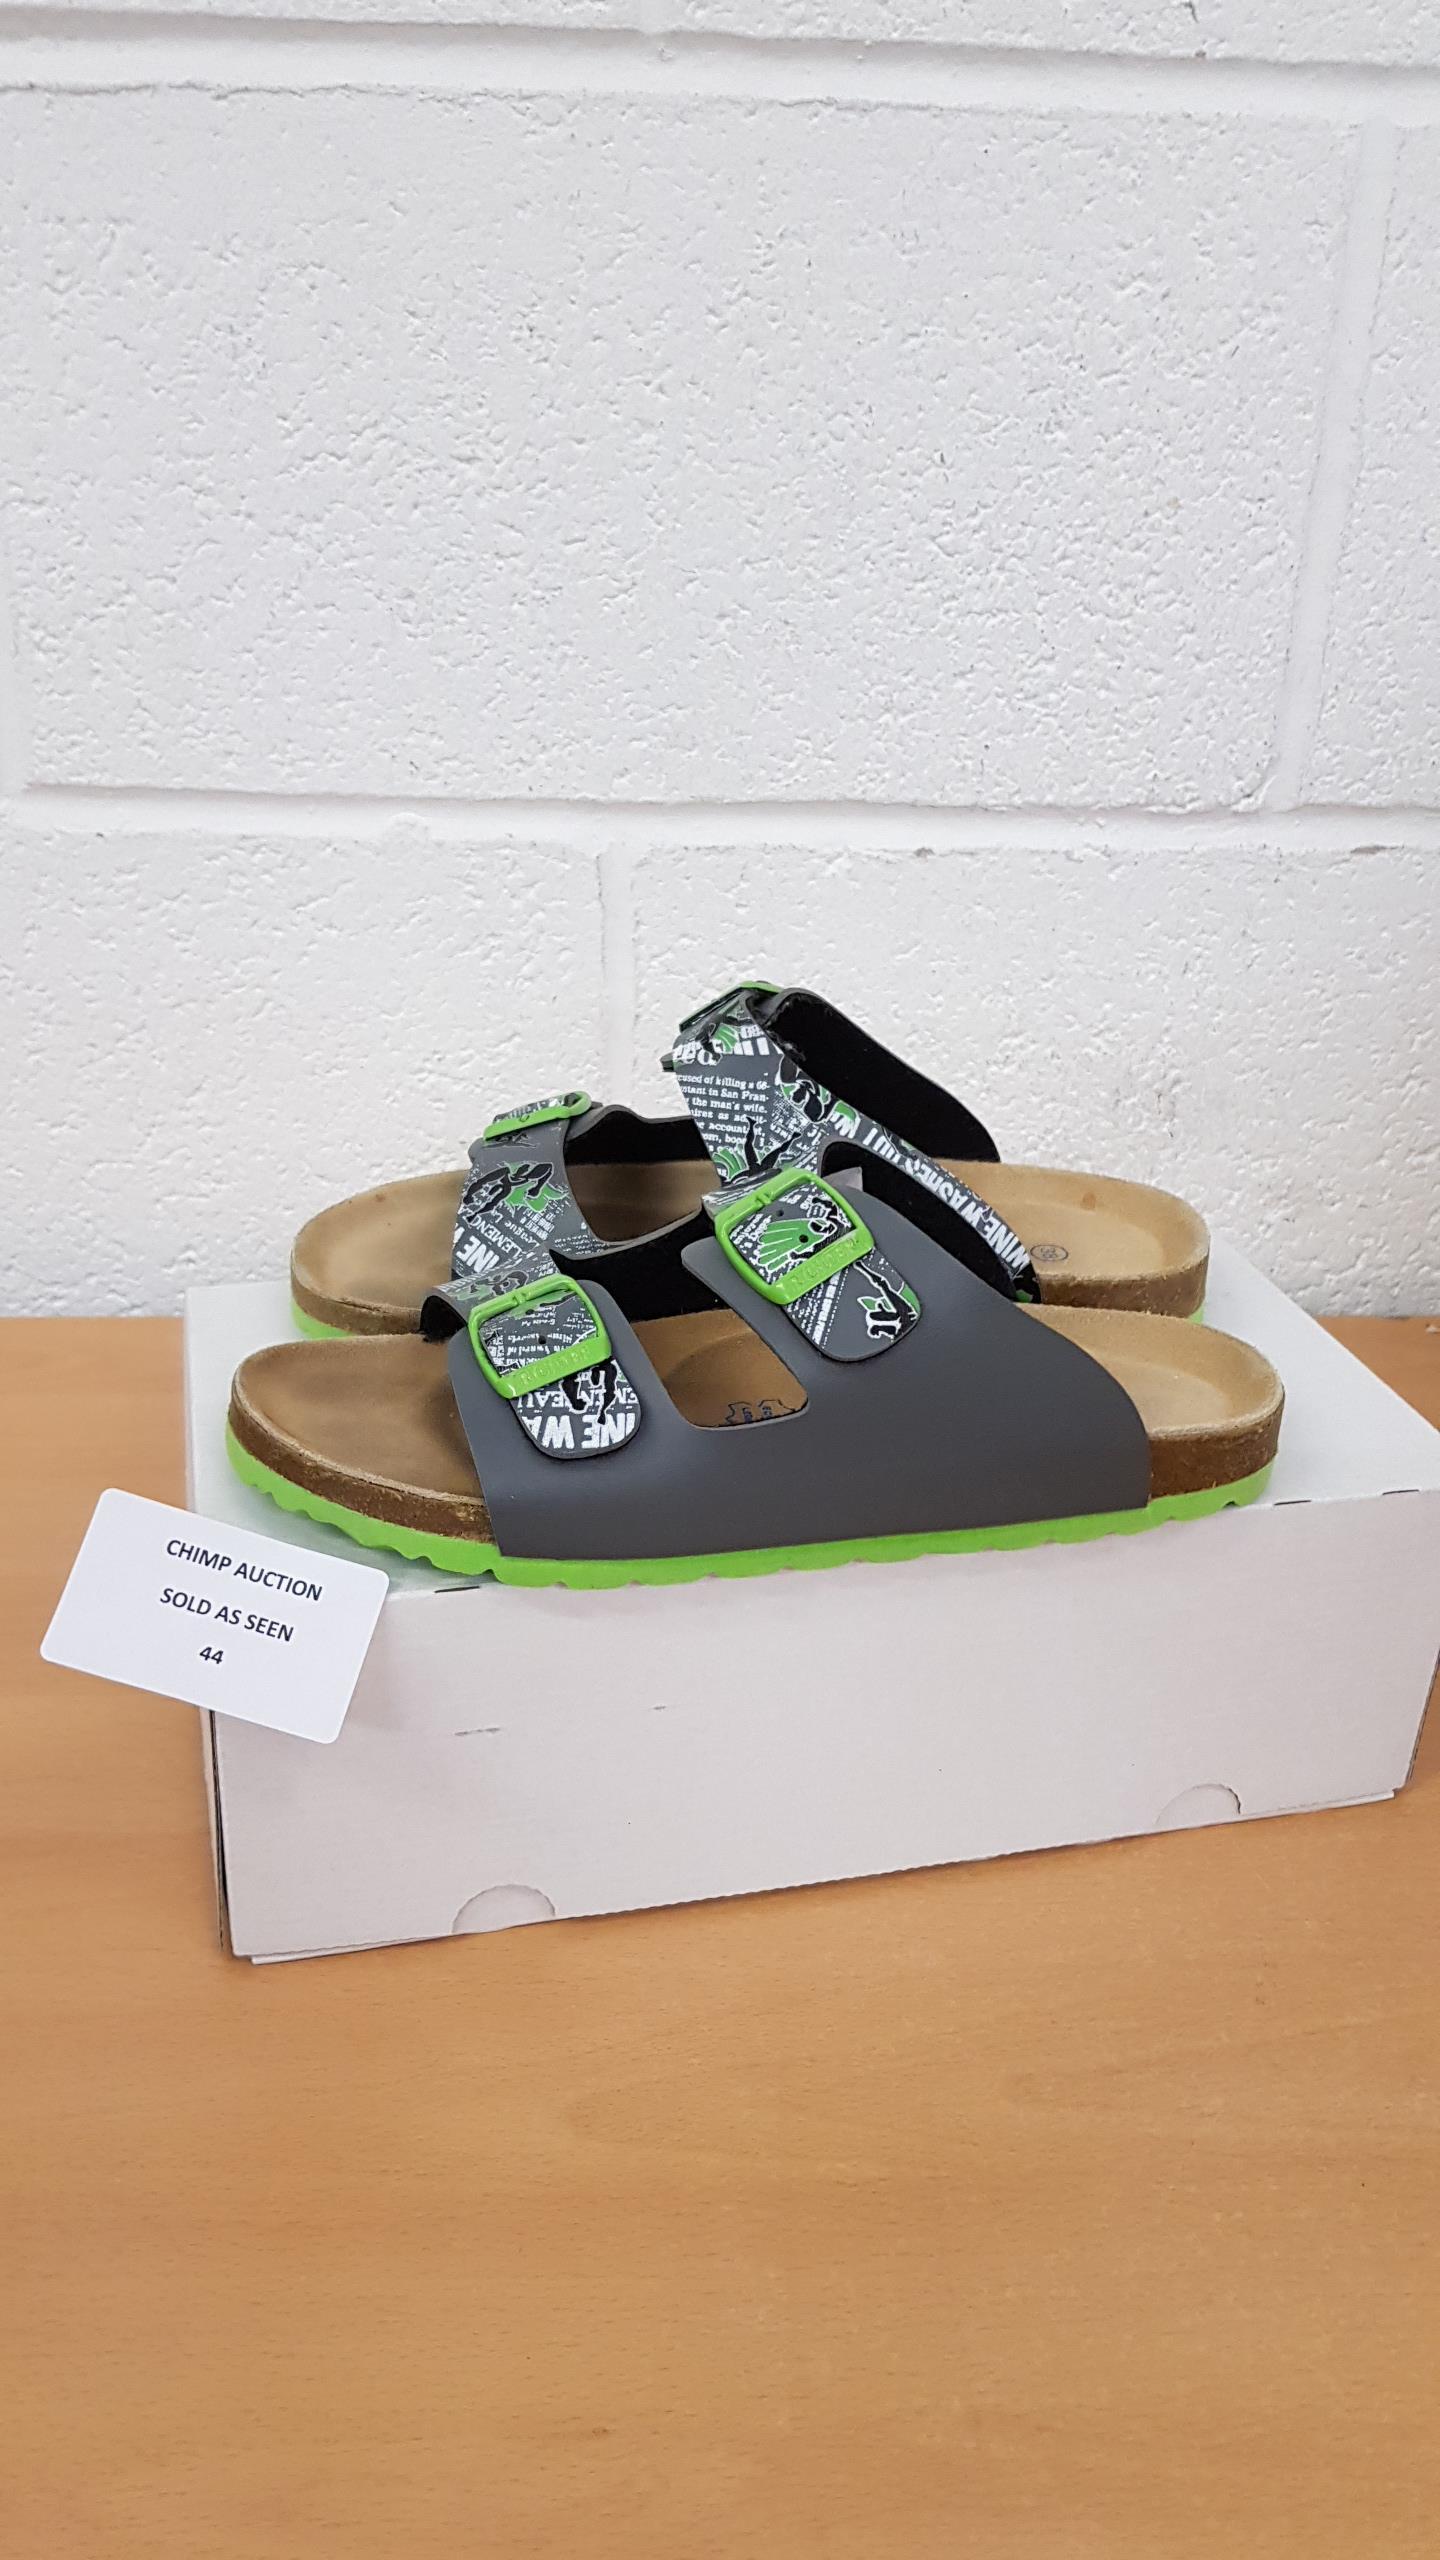 Lot 44 - Richter ladies sandals EU 38